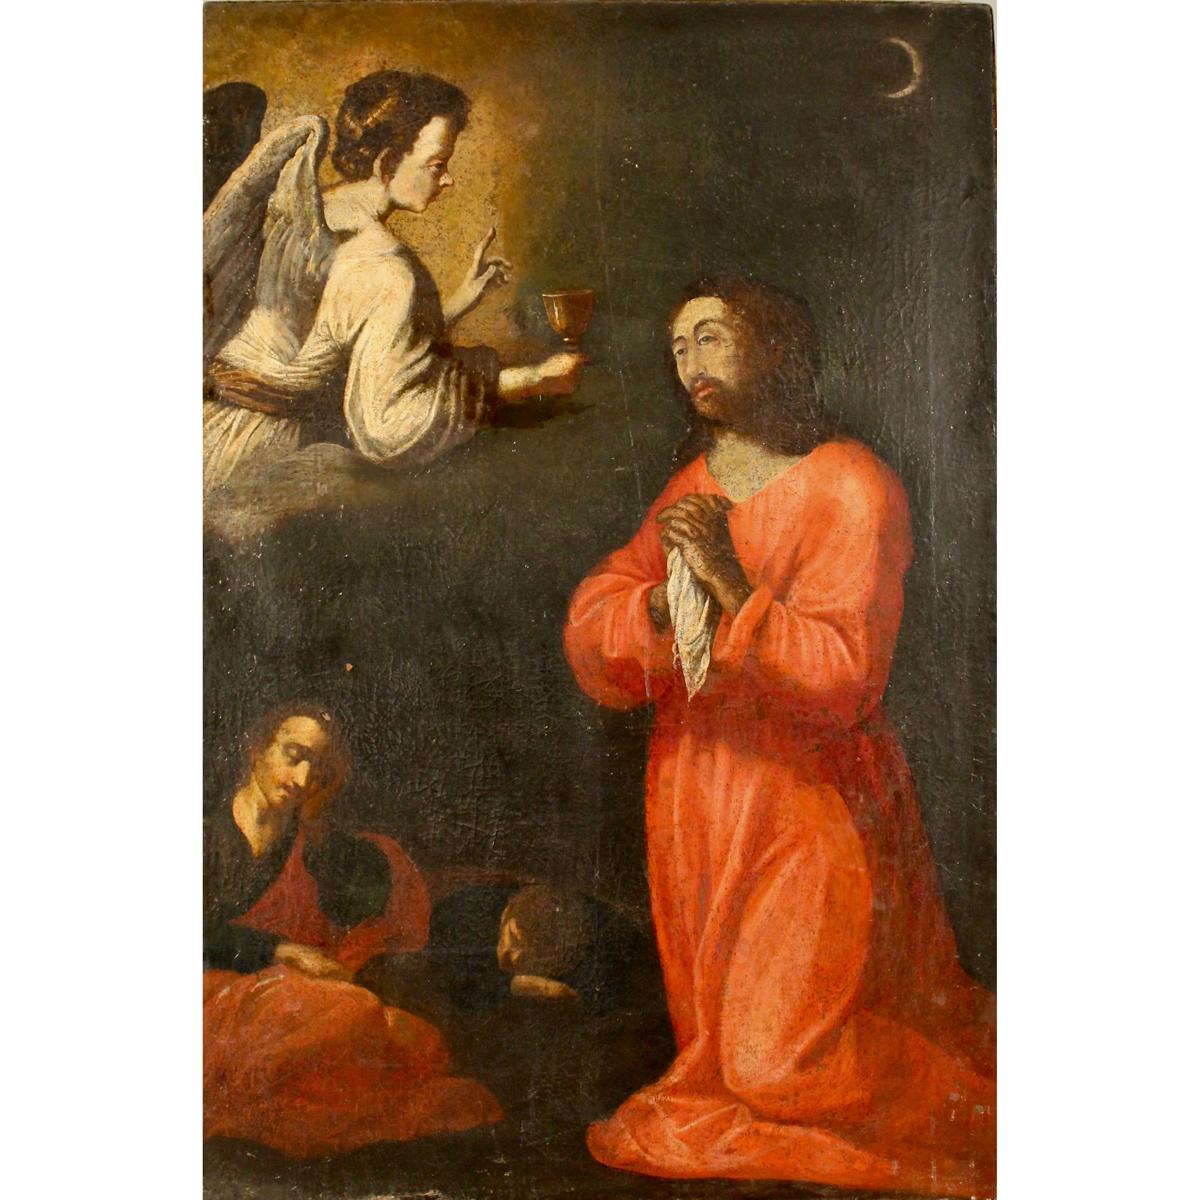 """MAESTRO SPAGNOLO DEL SECOLO XVII """"Gesù nell'orto degli ulivi-SPANISH MASTER OF THE XVII CENTURY """"Jes"""